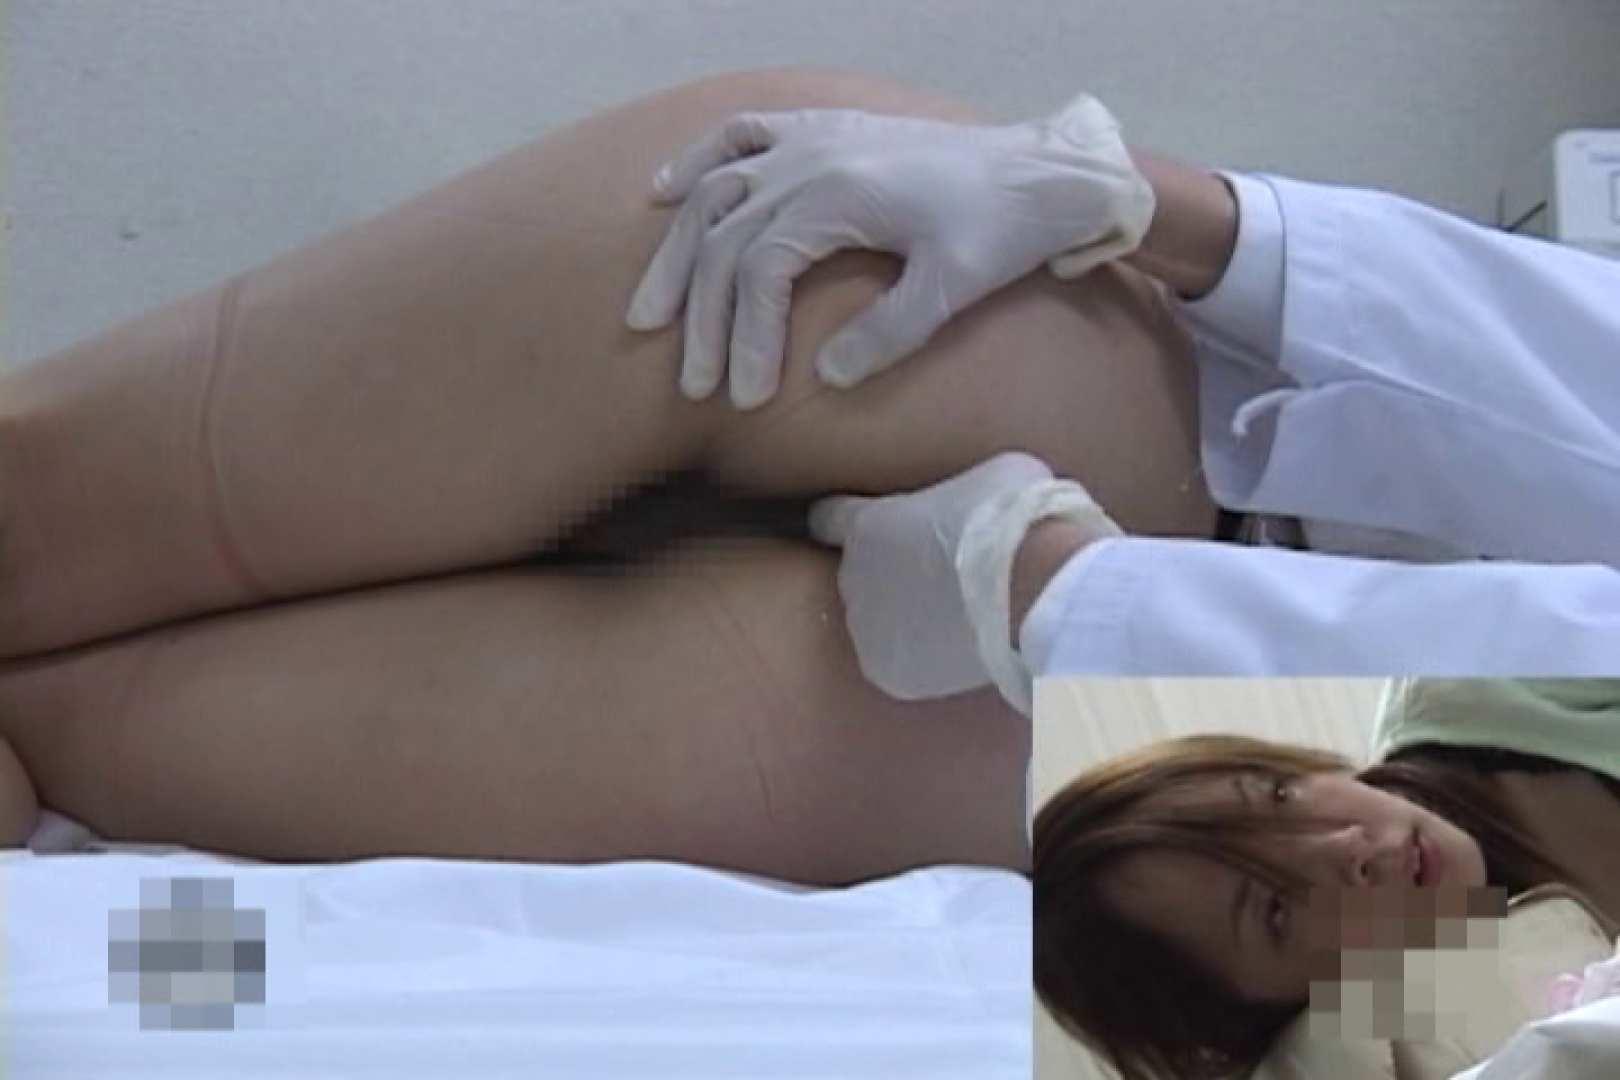 逆噴射病院 肛門科Vol.7 美女OL  105連発 20